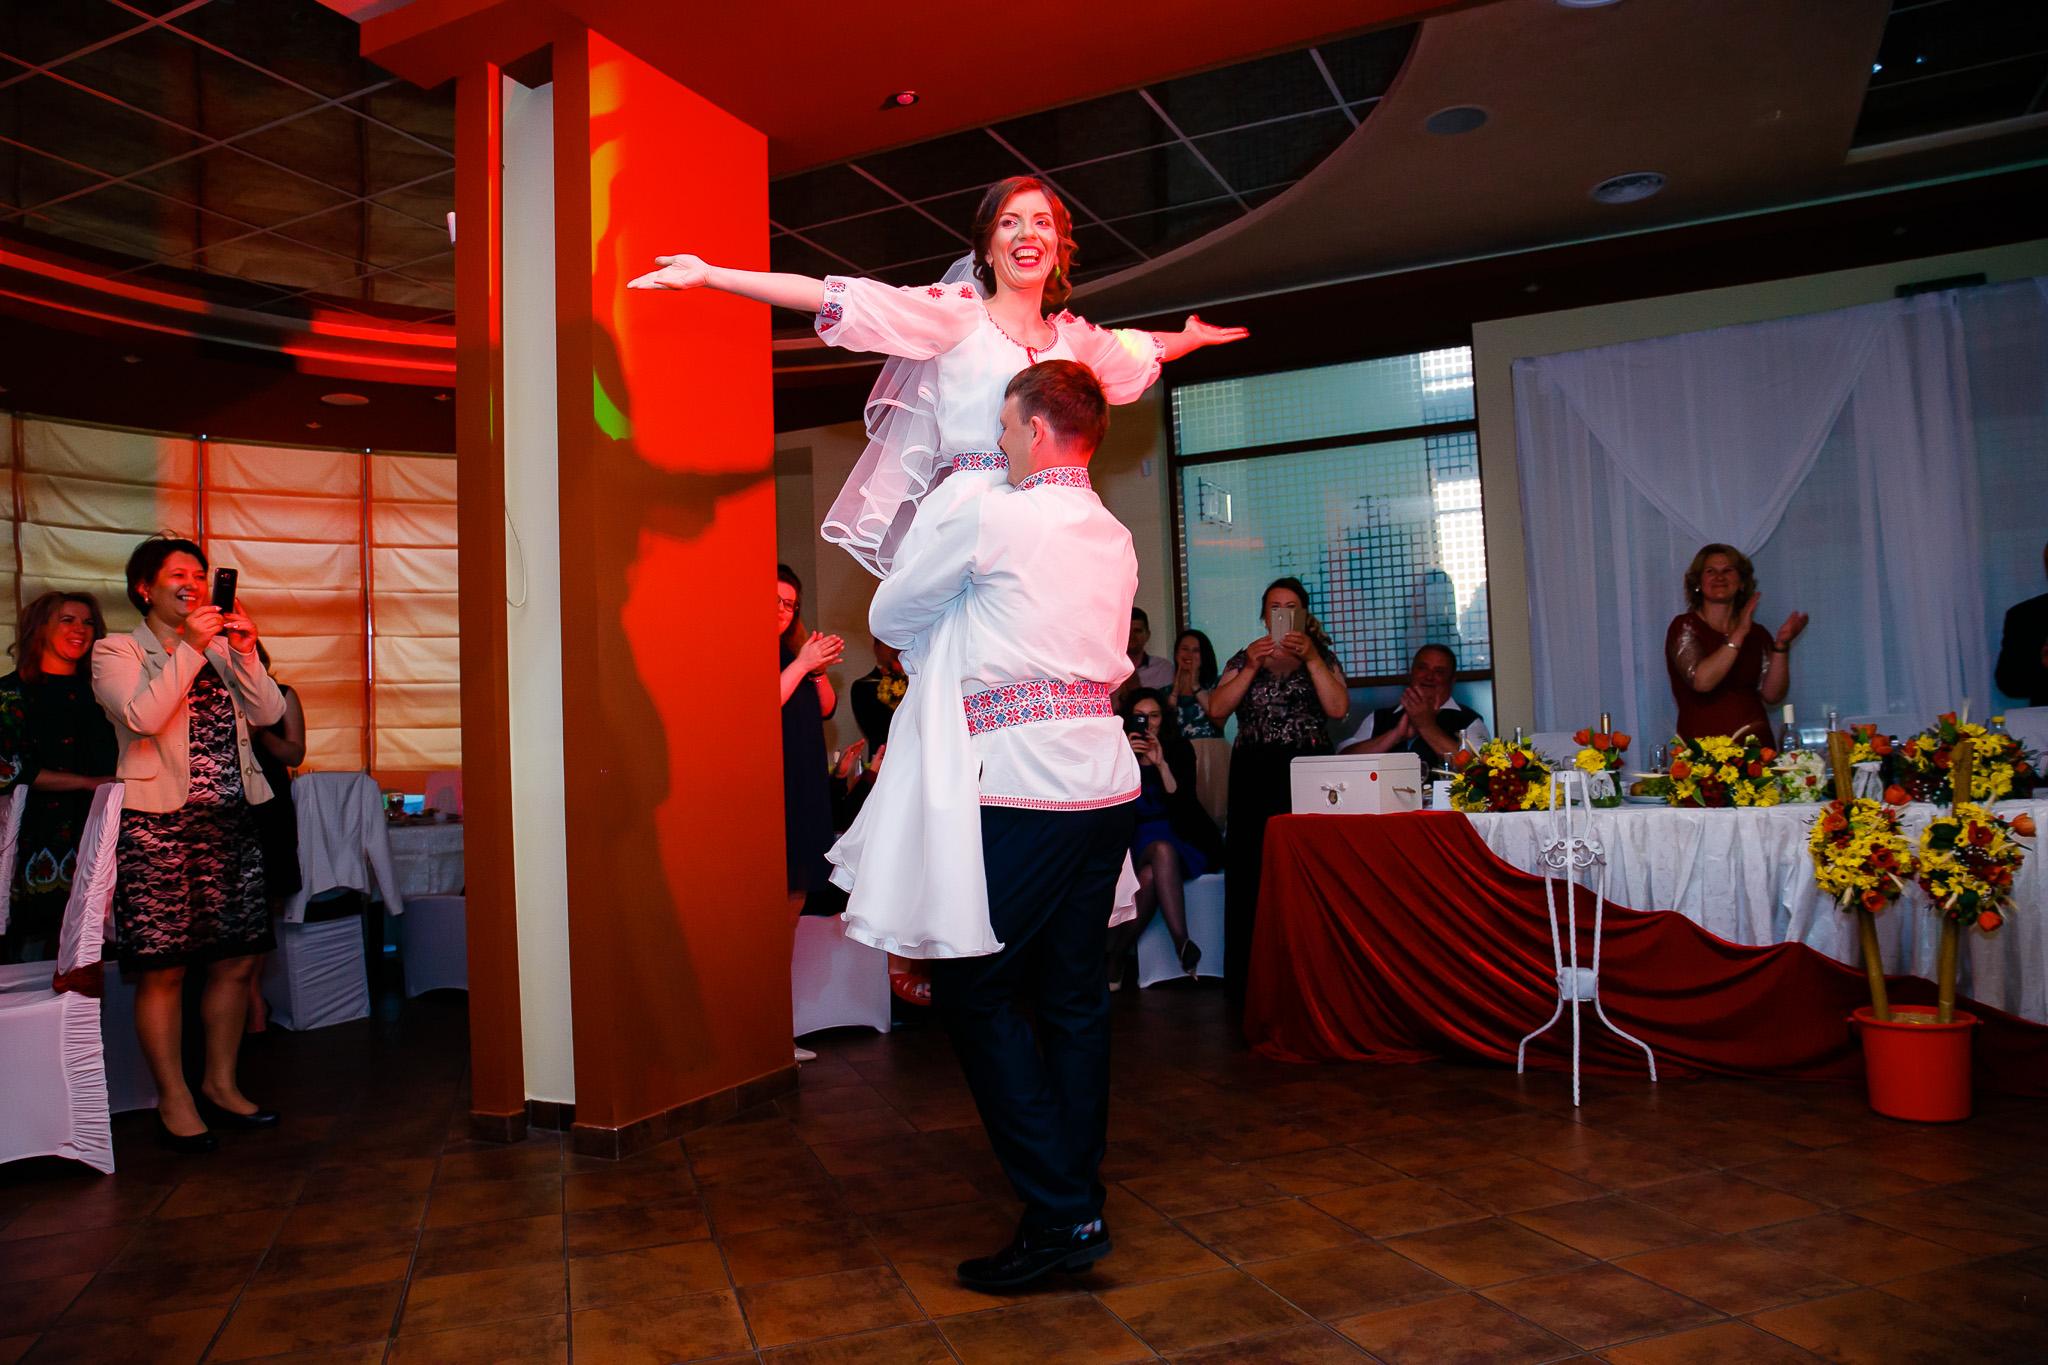 Nuntă tradițională Elisabeta și Alexandru fotograf profesionist nunta Iasi www.paulpadurariu.ro © 2018 Paul Padurariu fotograf de nunta Iasi dansul mirilor 5